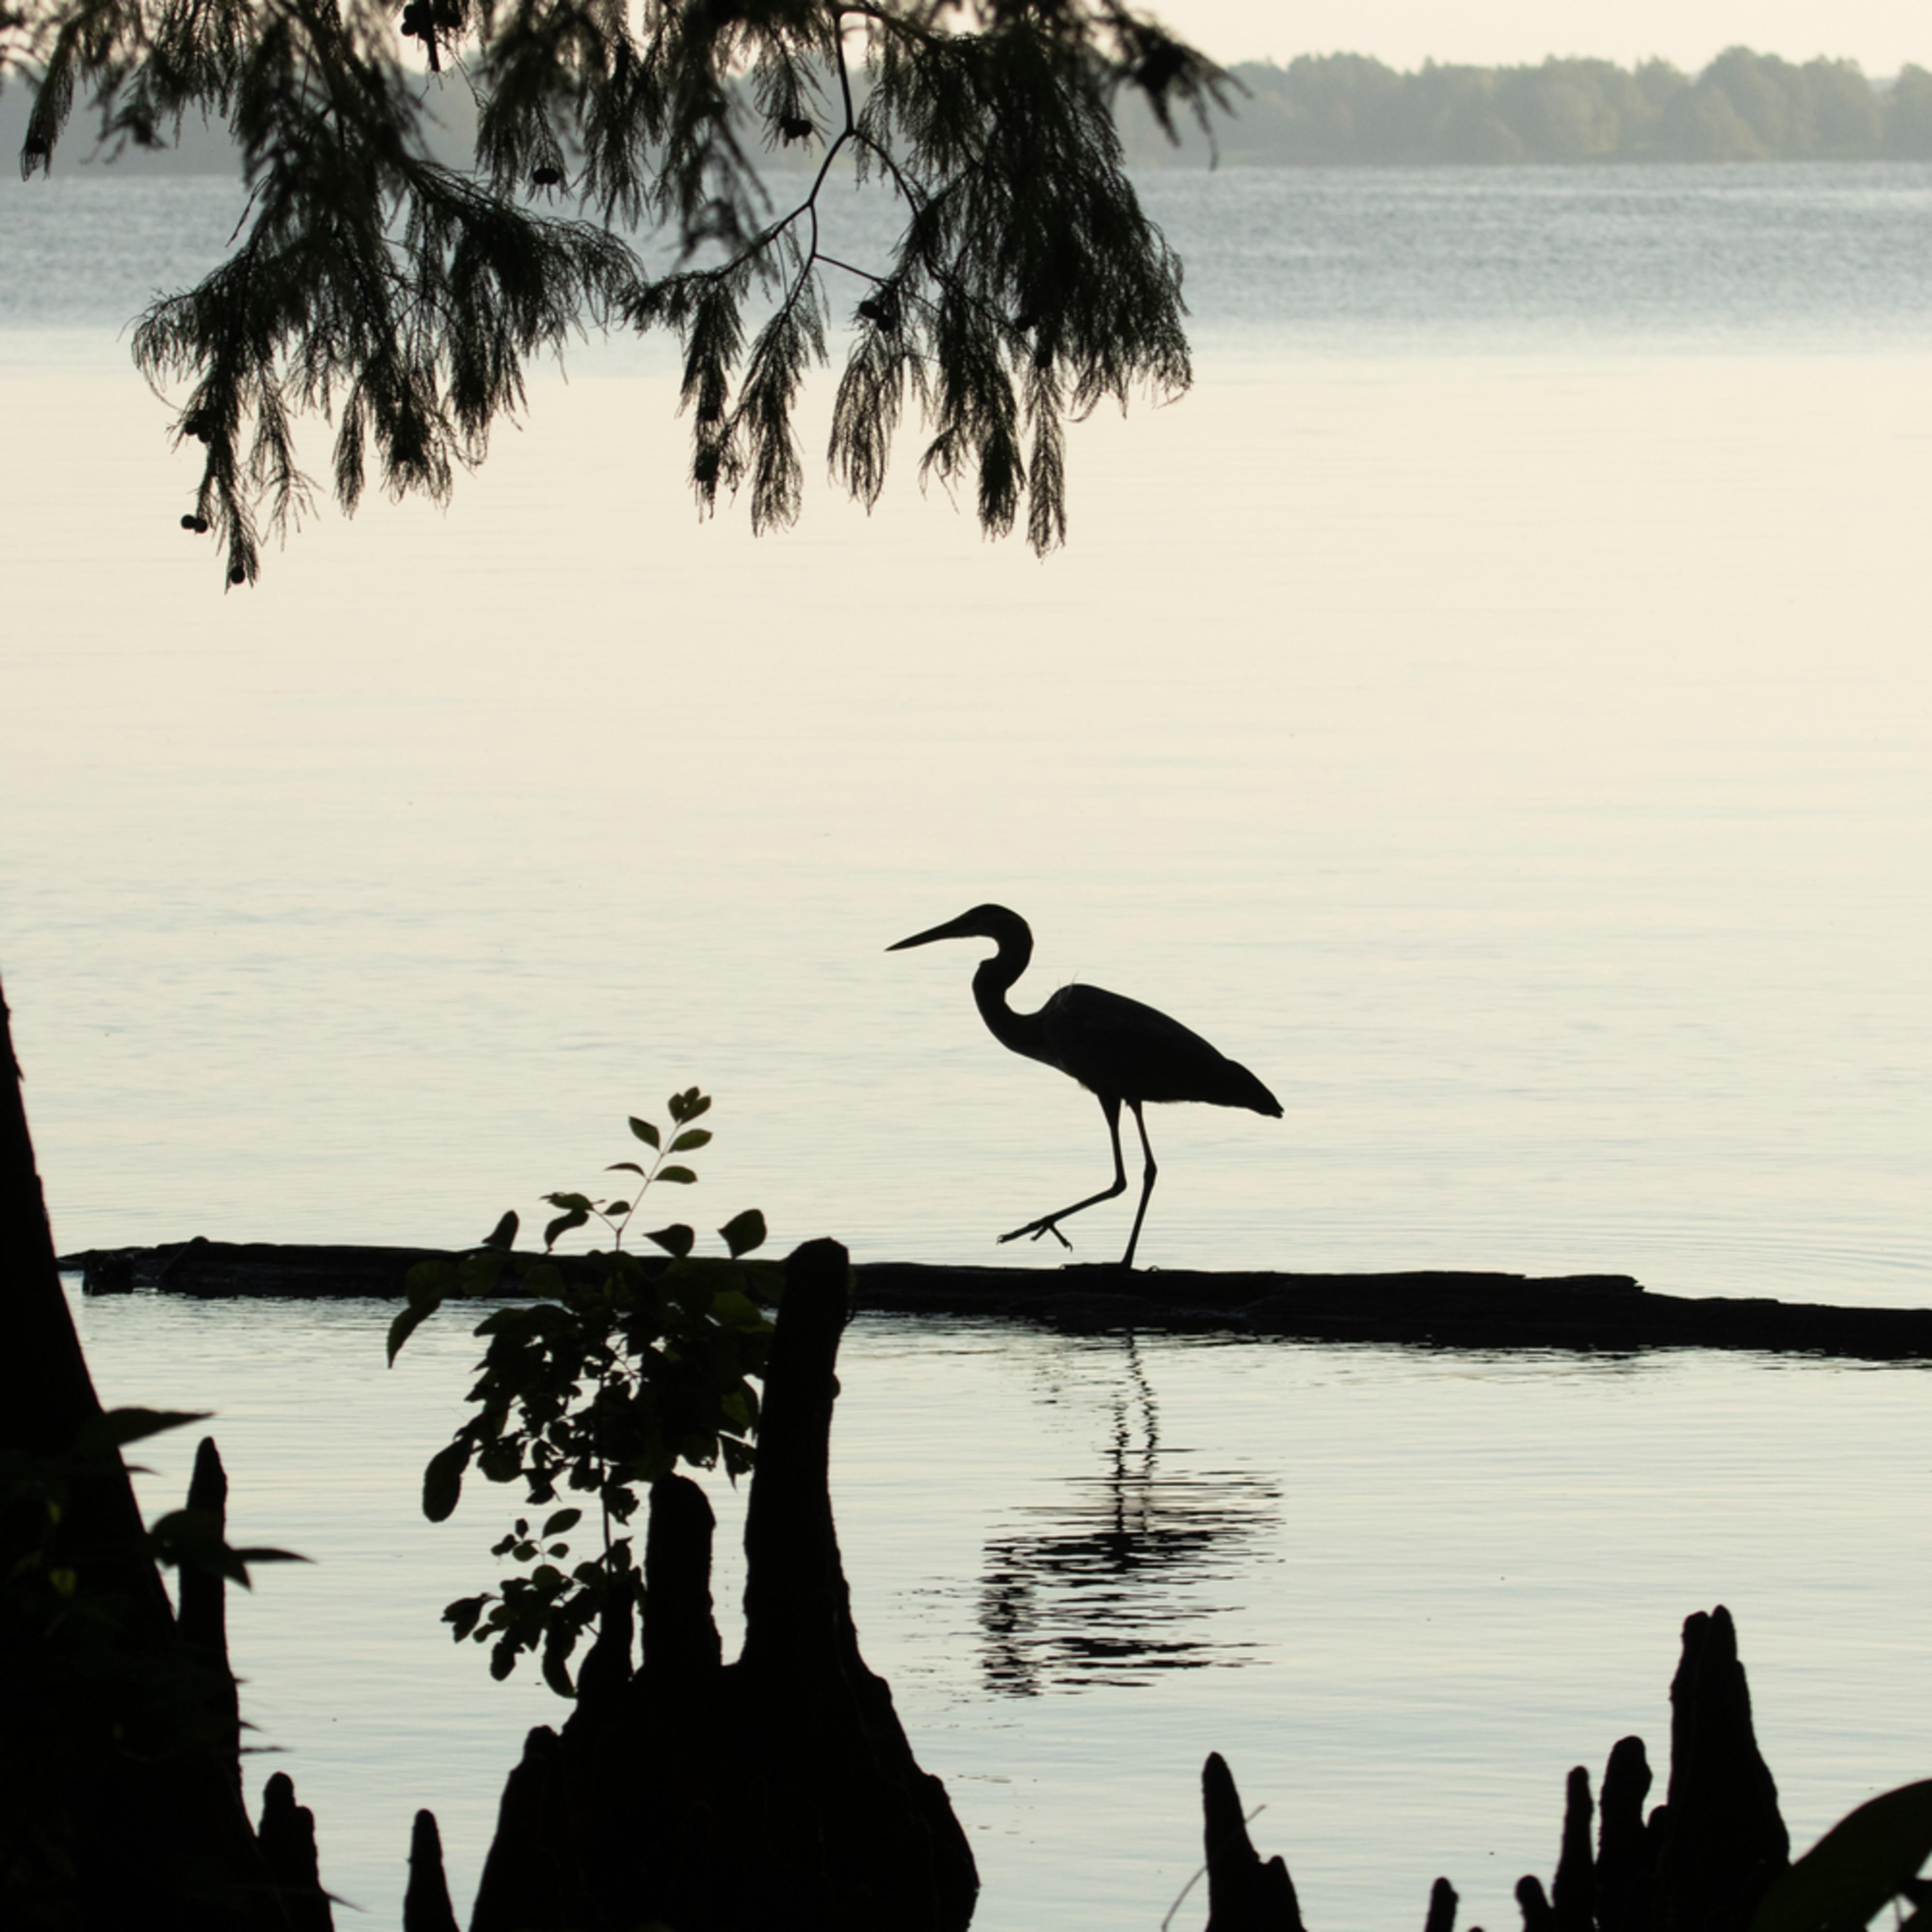 Heron silhouettes mg 7528 srm20 bg17ly